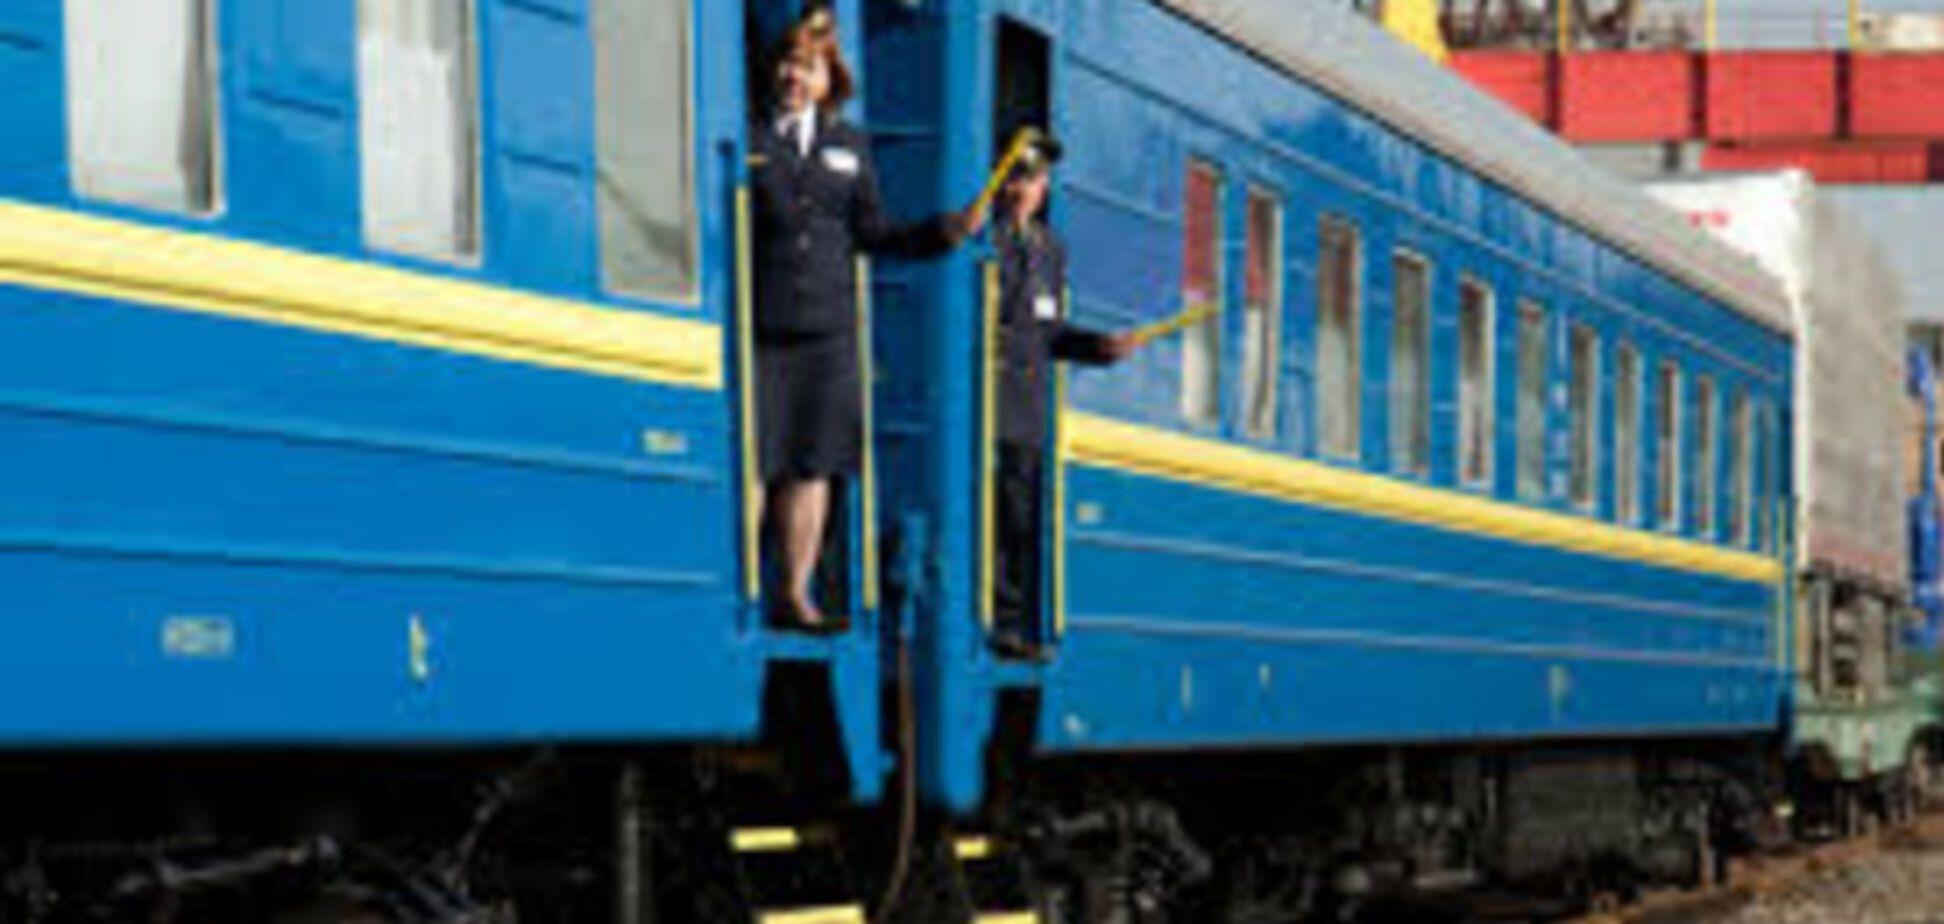 Балчун продолжает лоббировать интересы производителей поездов из Польши – Коновалюк